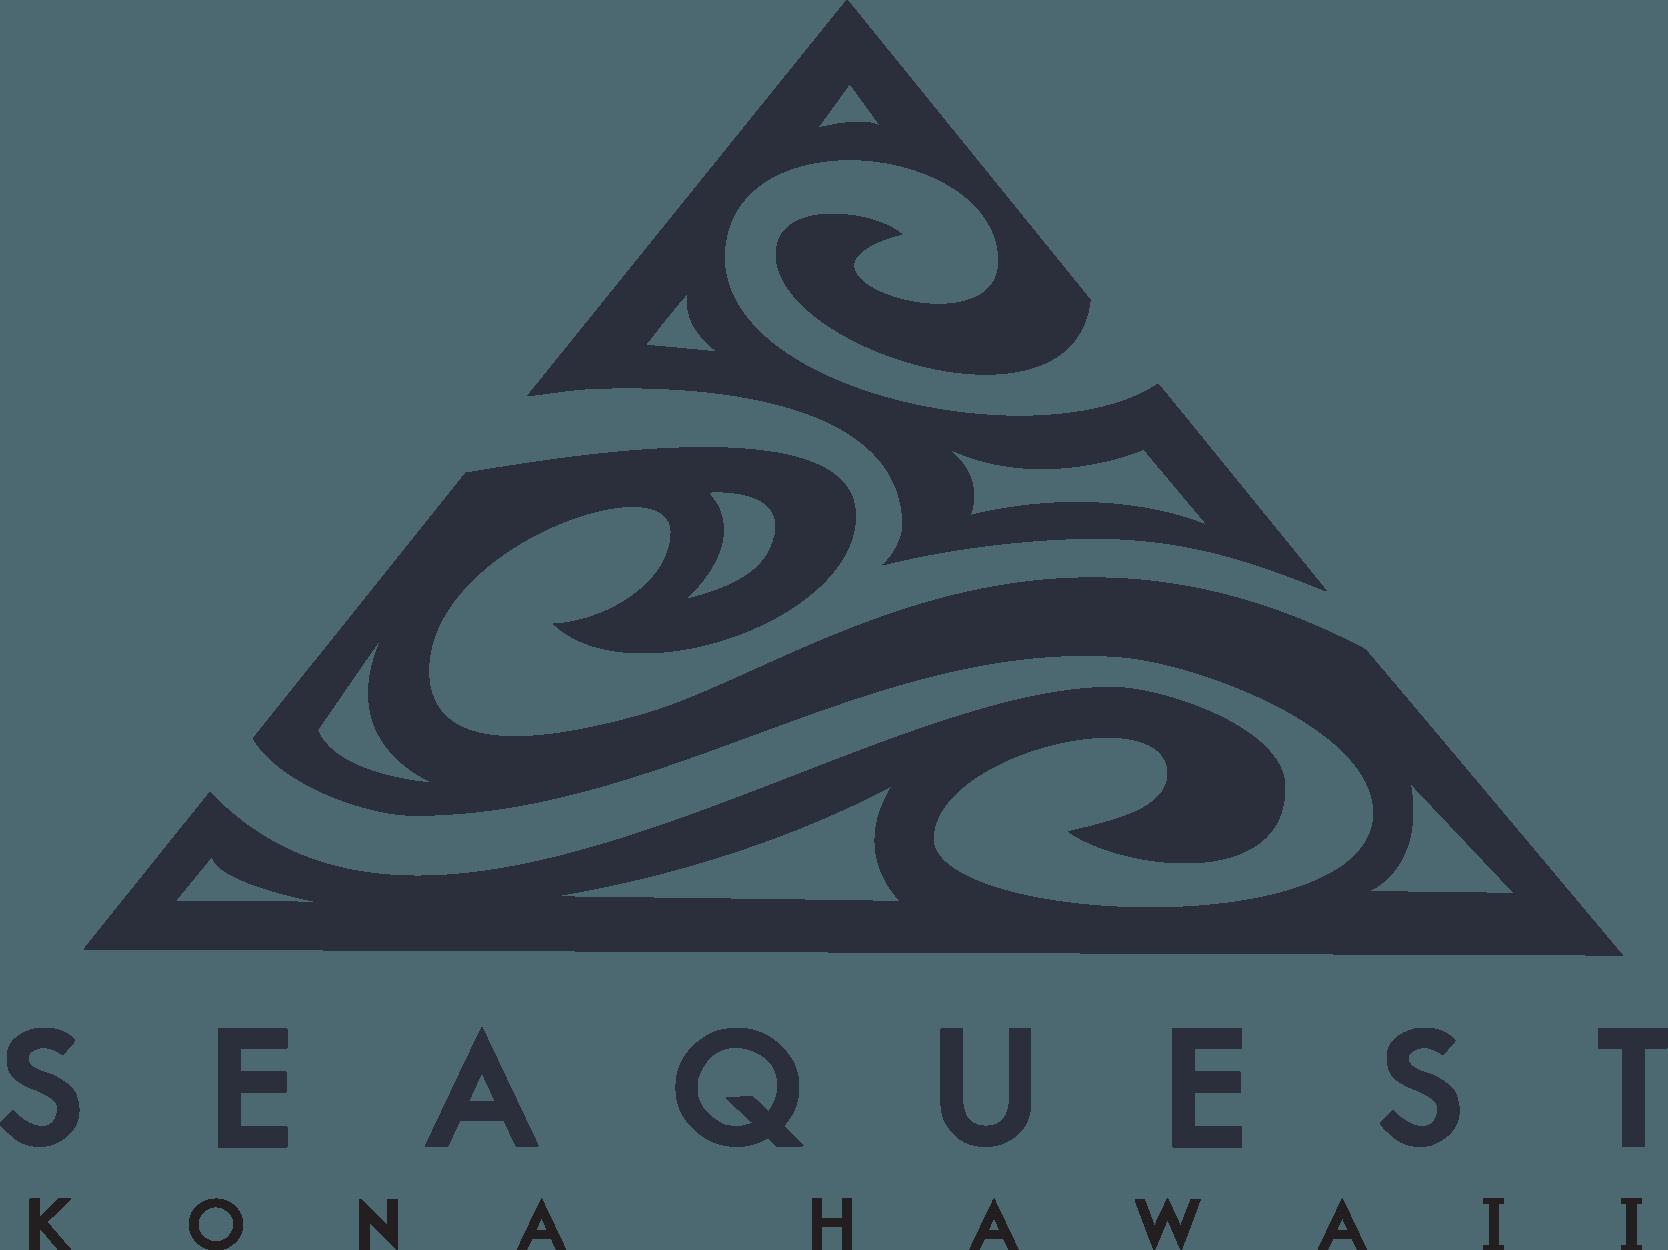 Sea Quest Hawaii